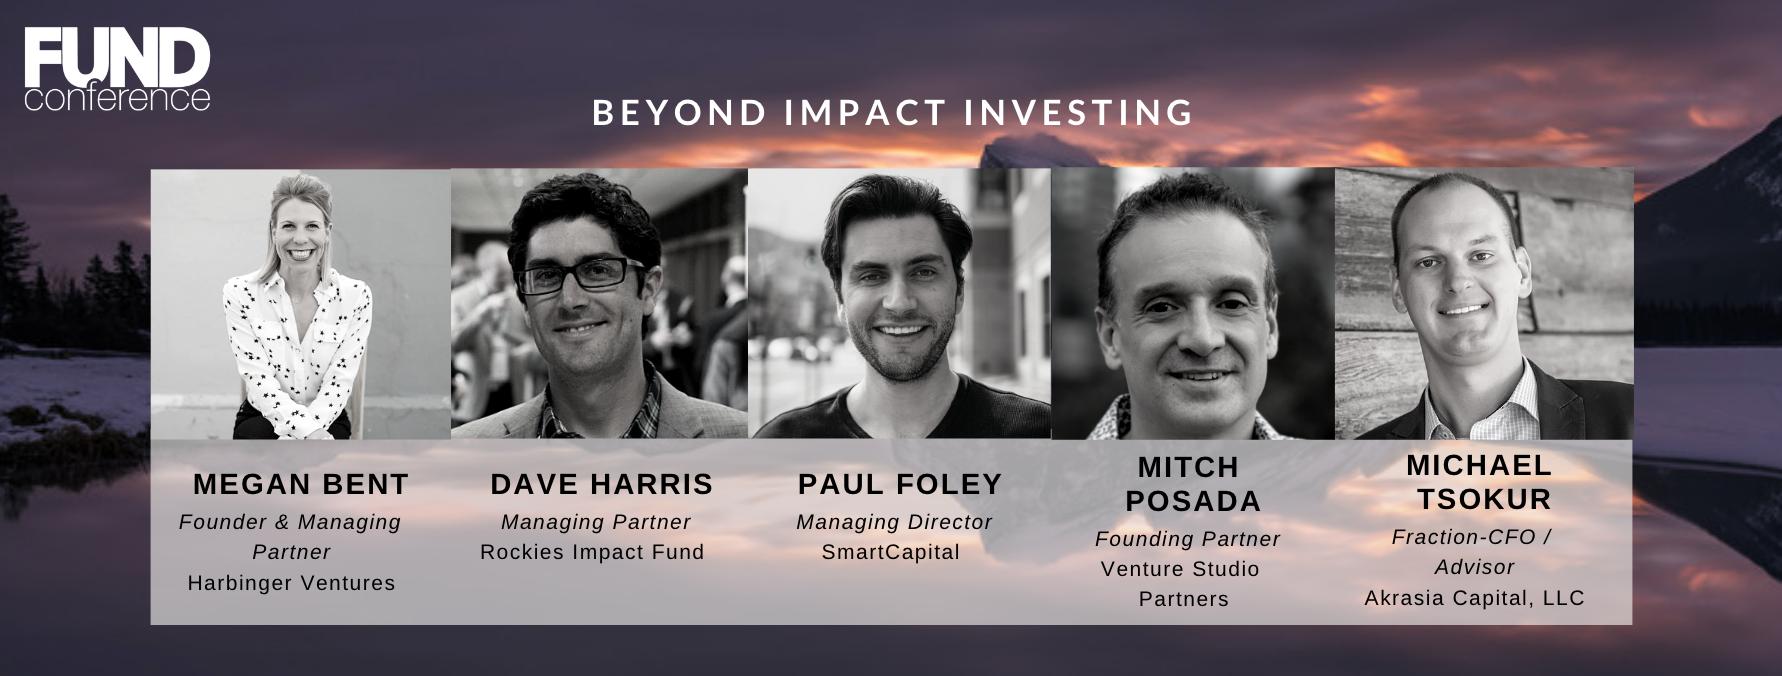 Fund Conference Denver April 9-10th, 2019 | https://fundconference.com/